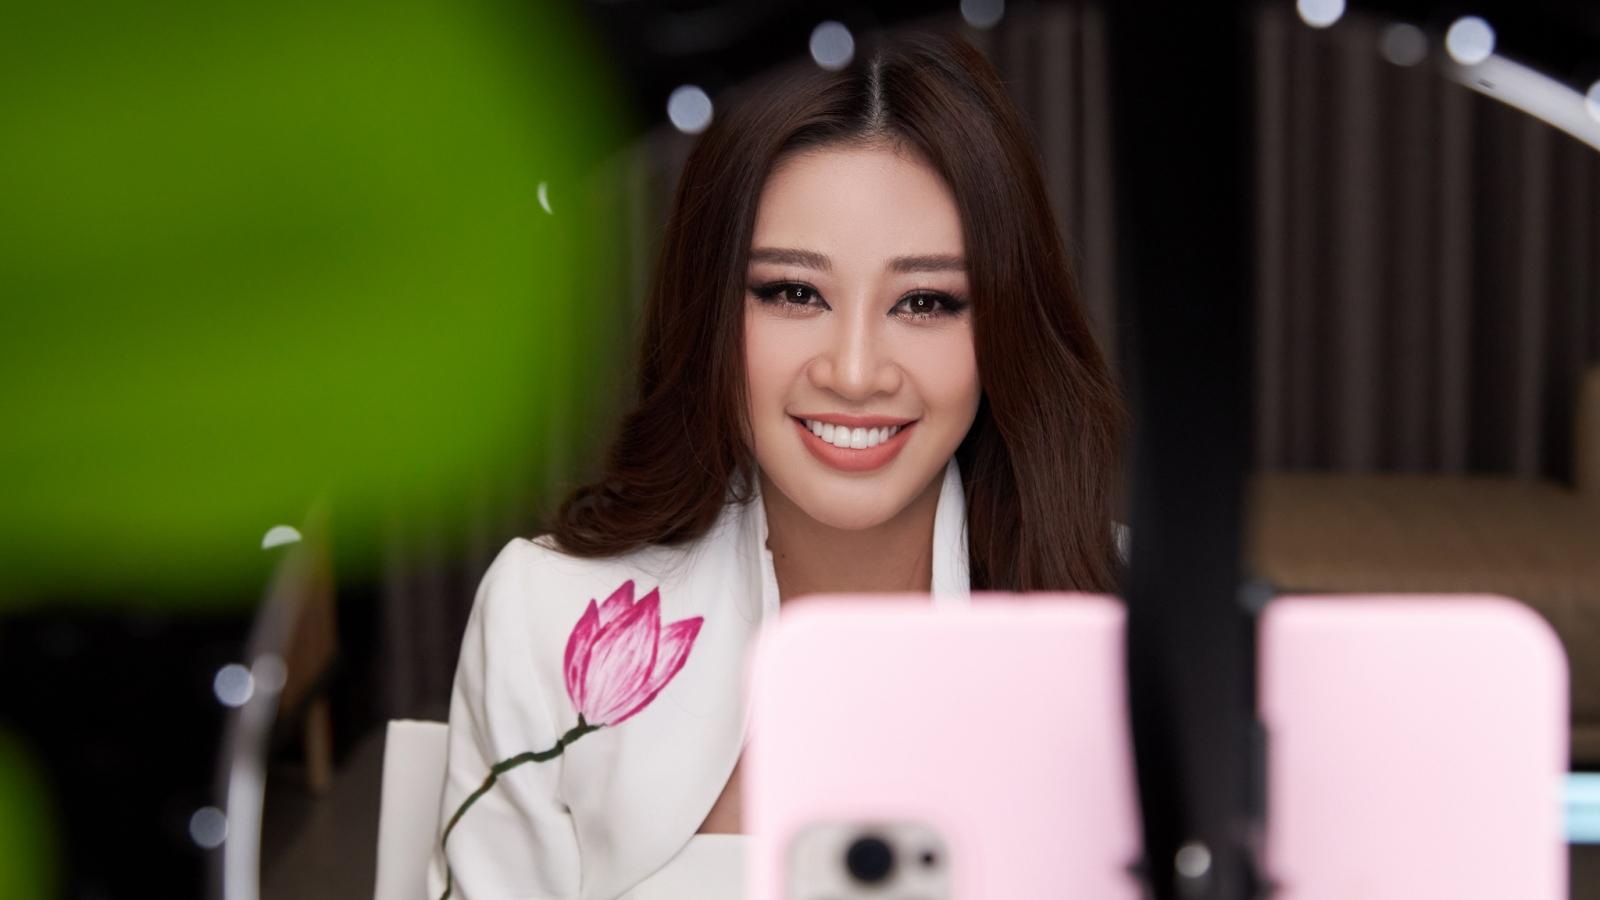 Hoa hậu Khánh Vân diện vest do chính tay các em ngôi nhà OBV vẽ tặng